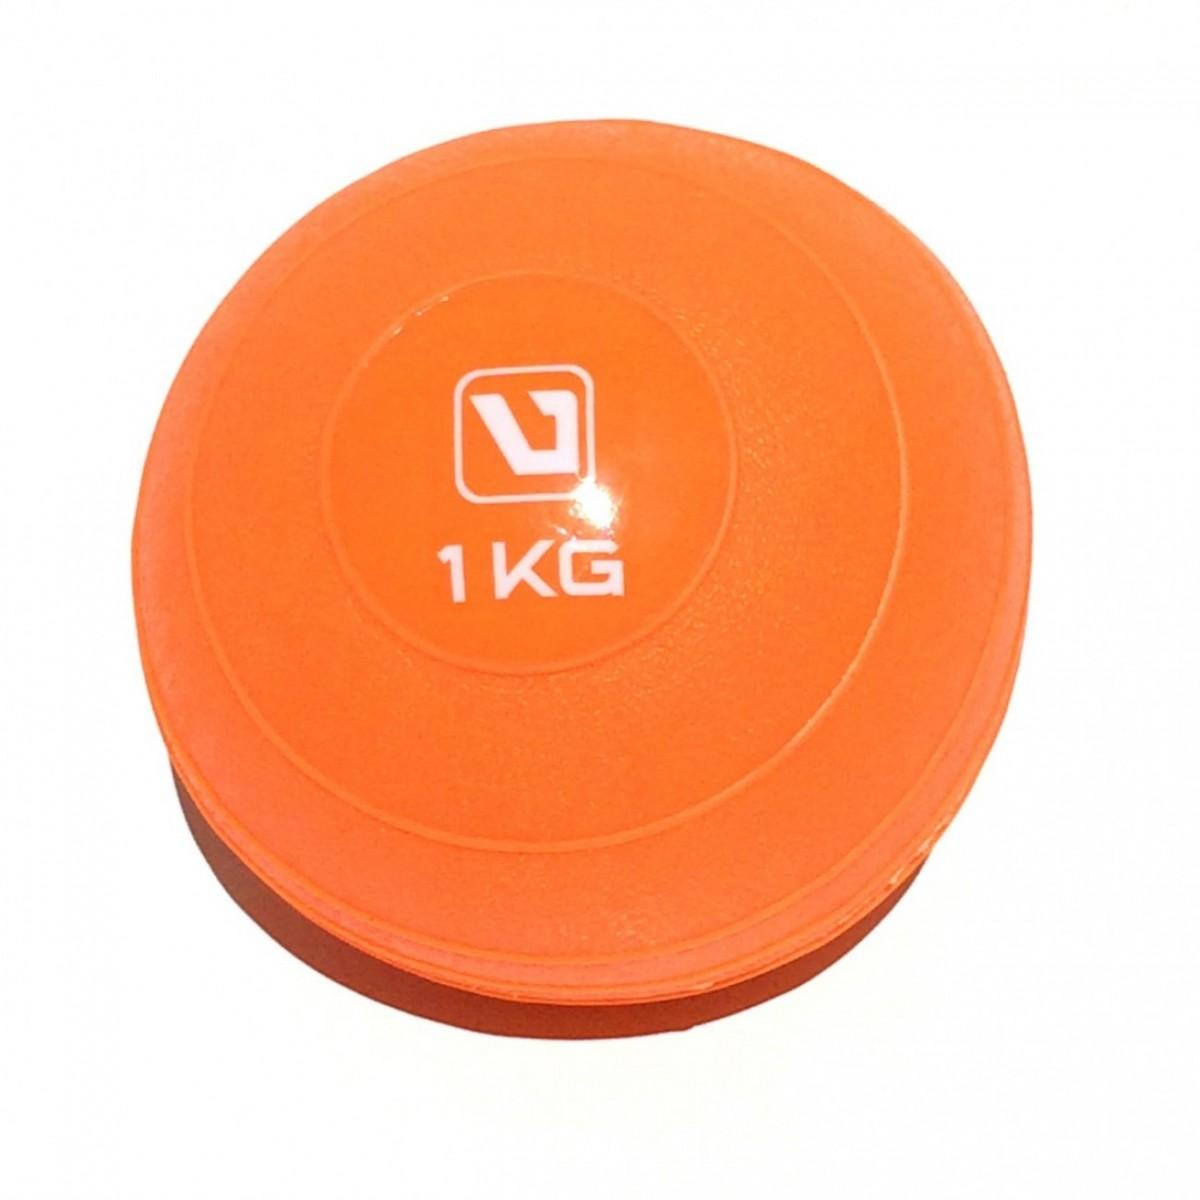 Soft Ball para Exercícios - 1 Kg - Loja Portal